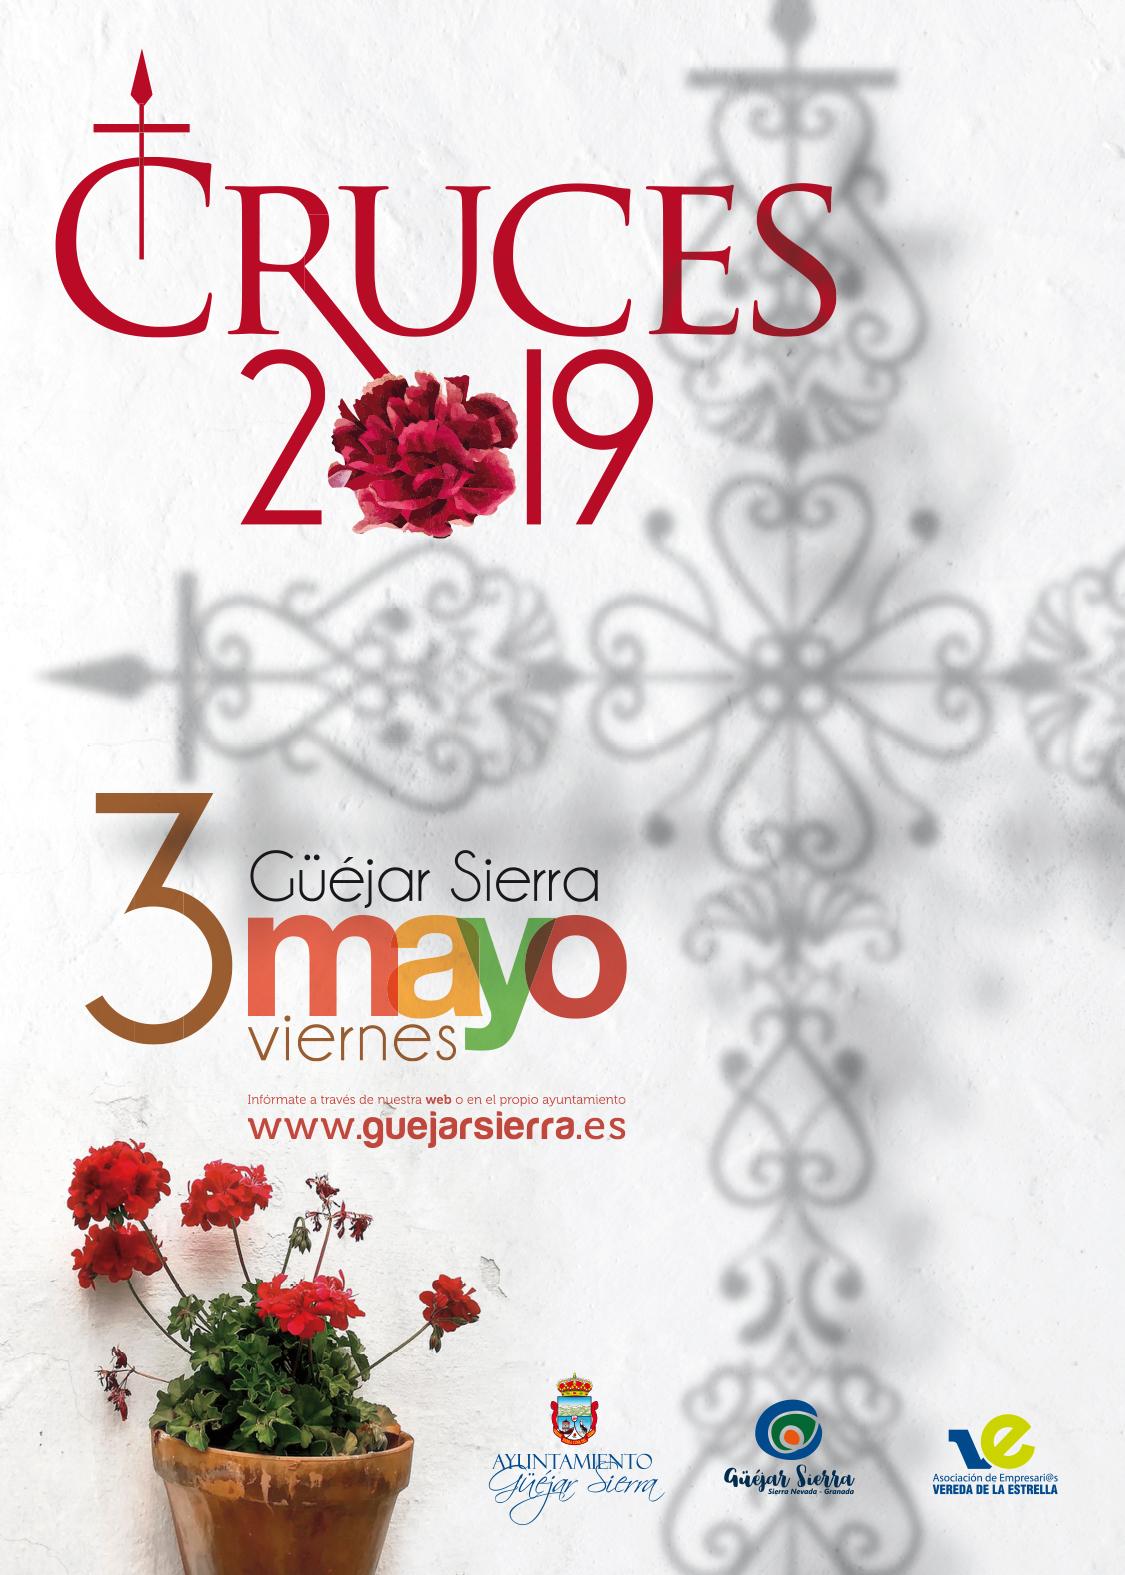 Cruces Mayo 2019 cartel web